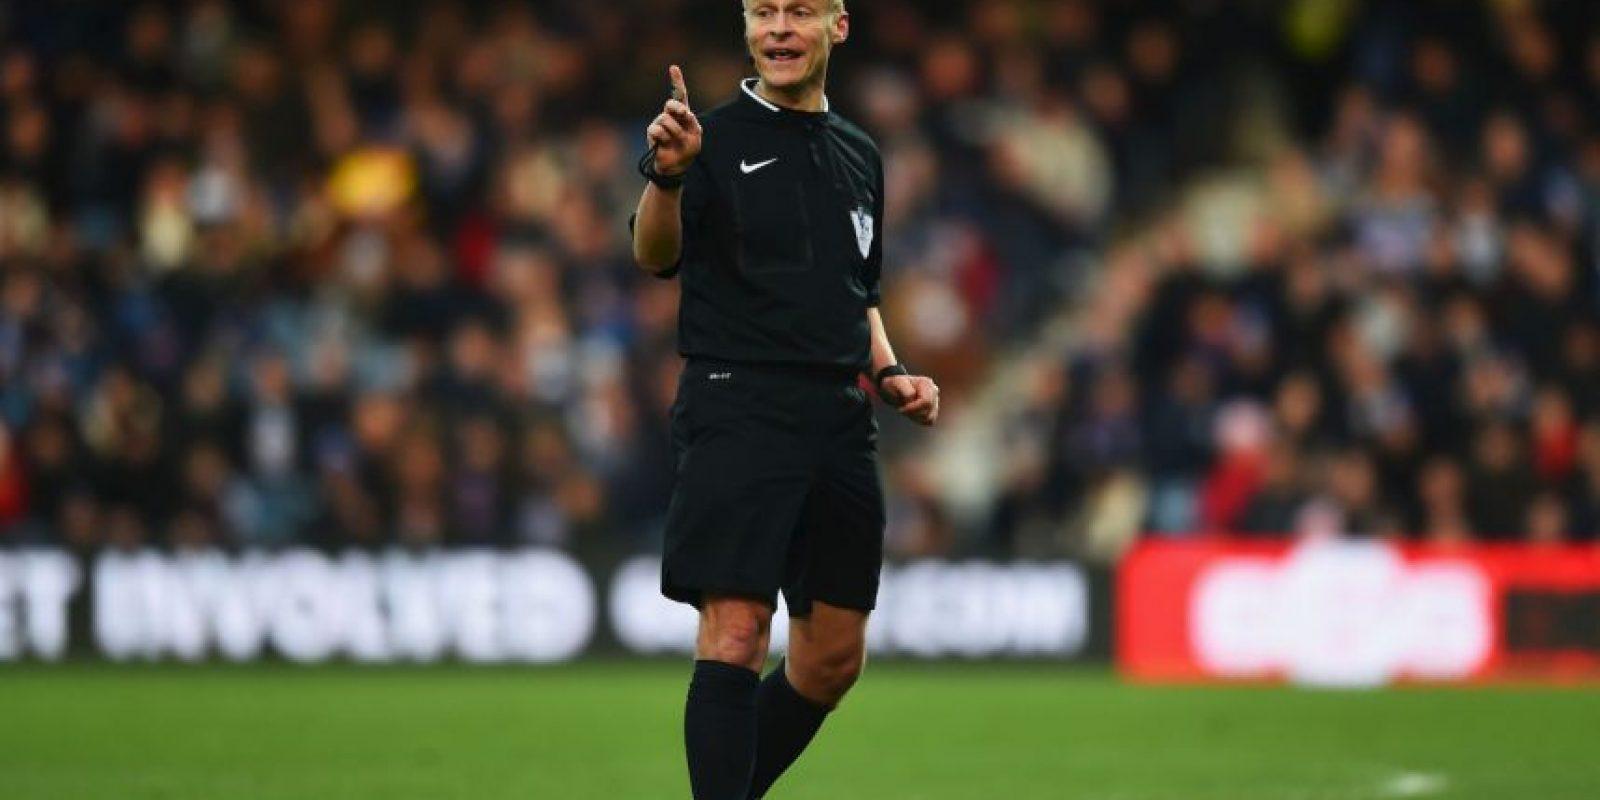 1. El fin de semana defendió su propuesta de la tarjeta blanca, con la que se expulsaría al jugador por un tiempo de hasta 10 minutos Foto:Getty